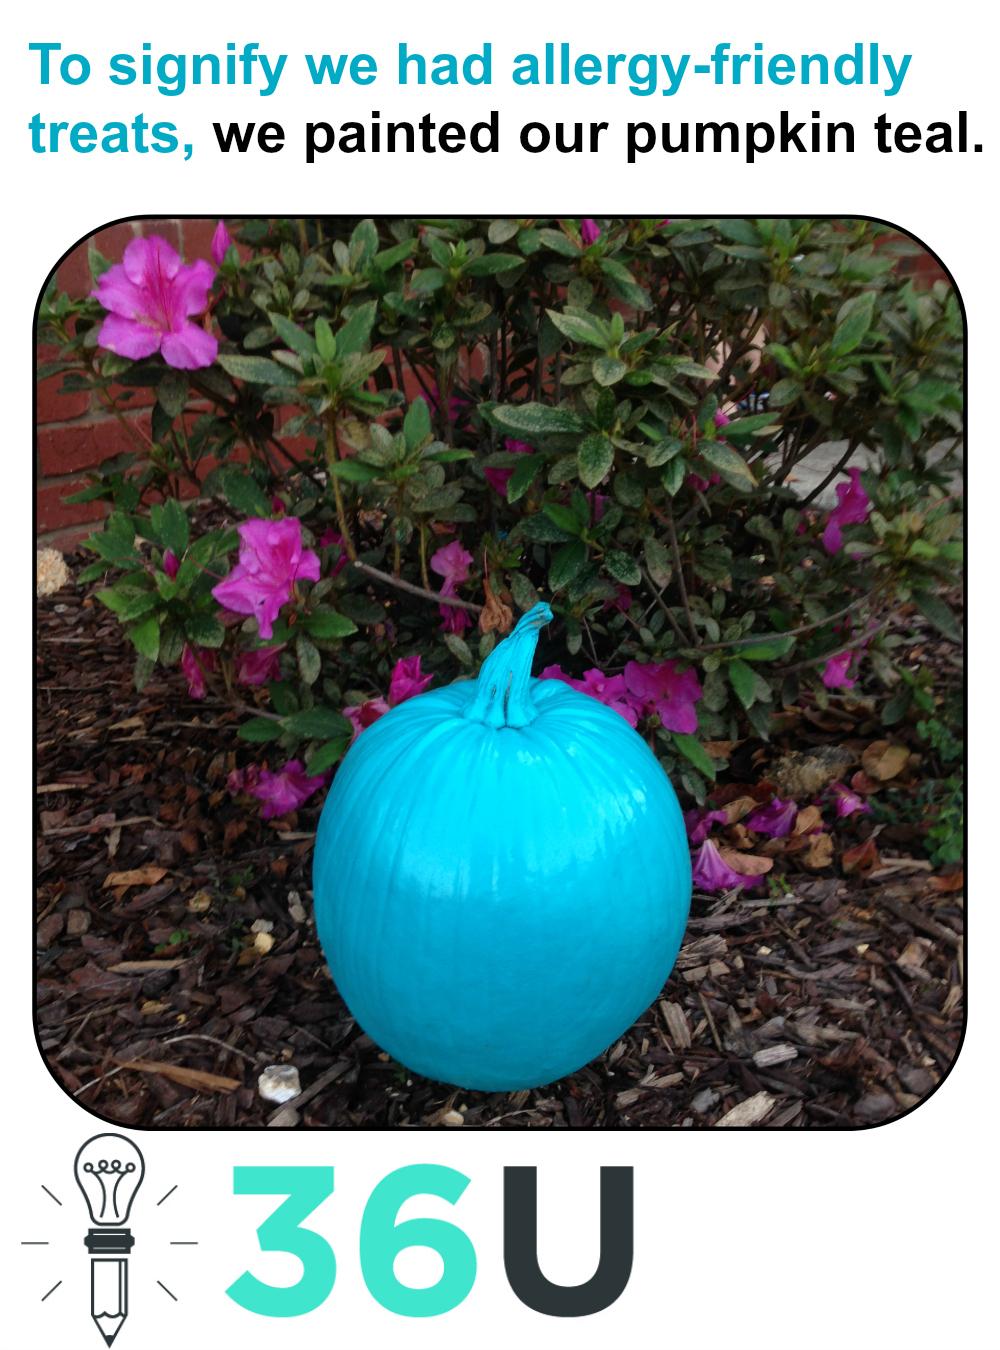 teal pumpkin (M)